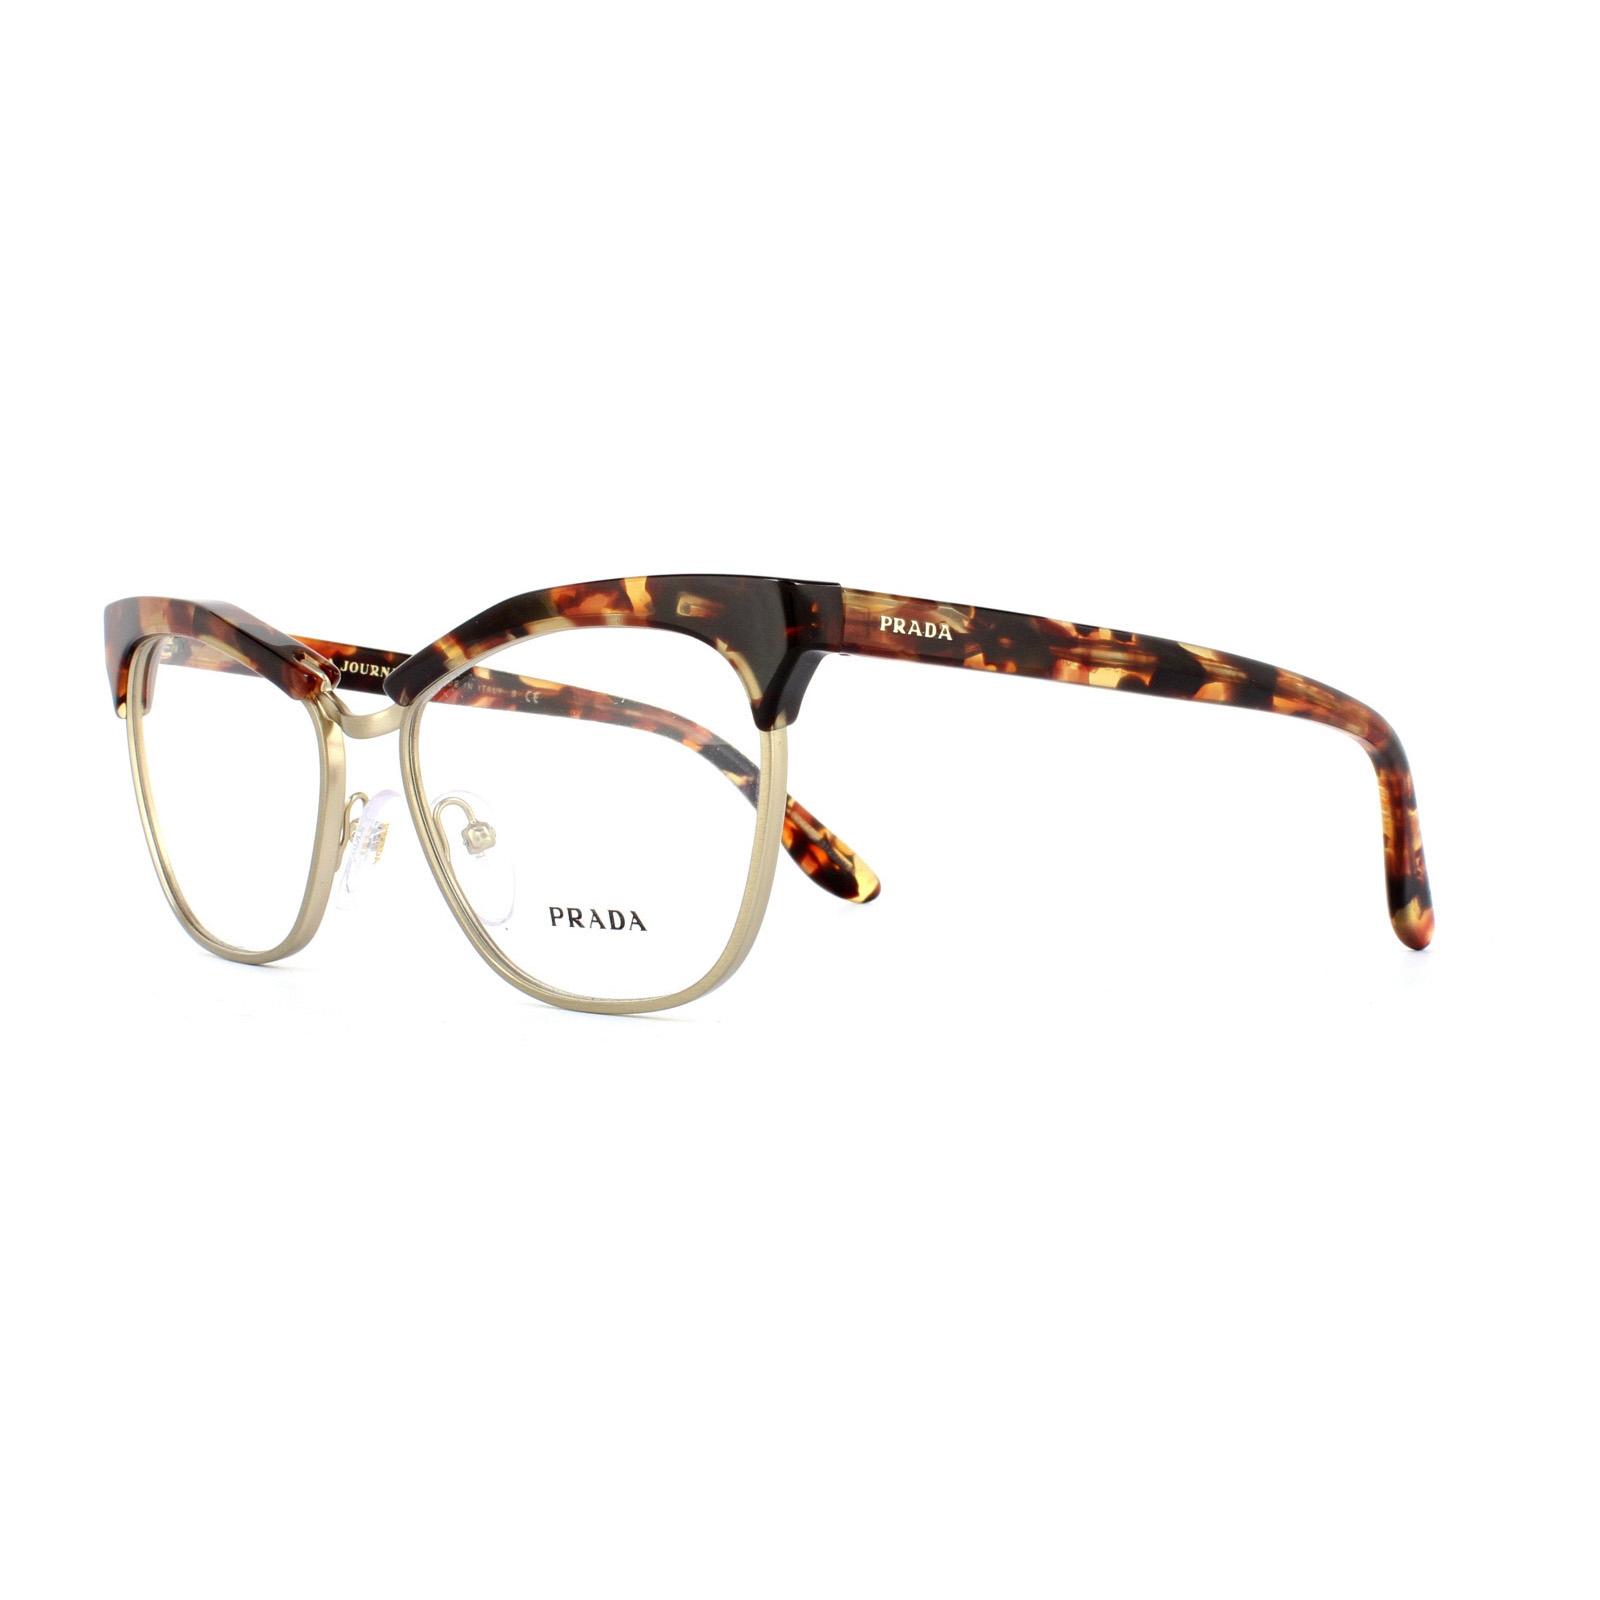 Prada Glasses Frames Womens